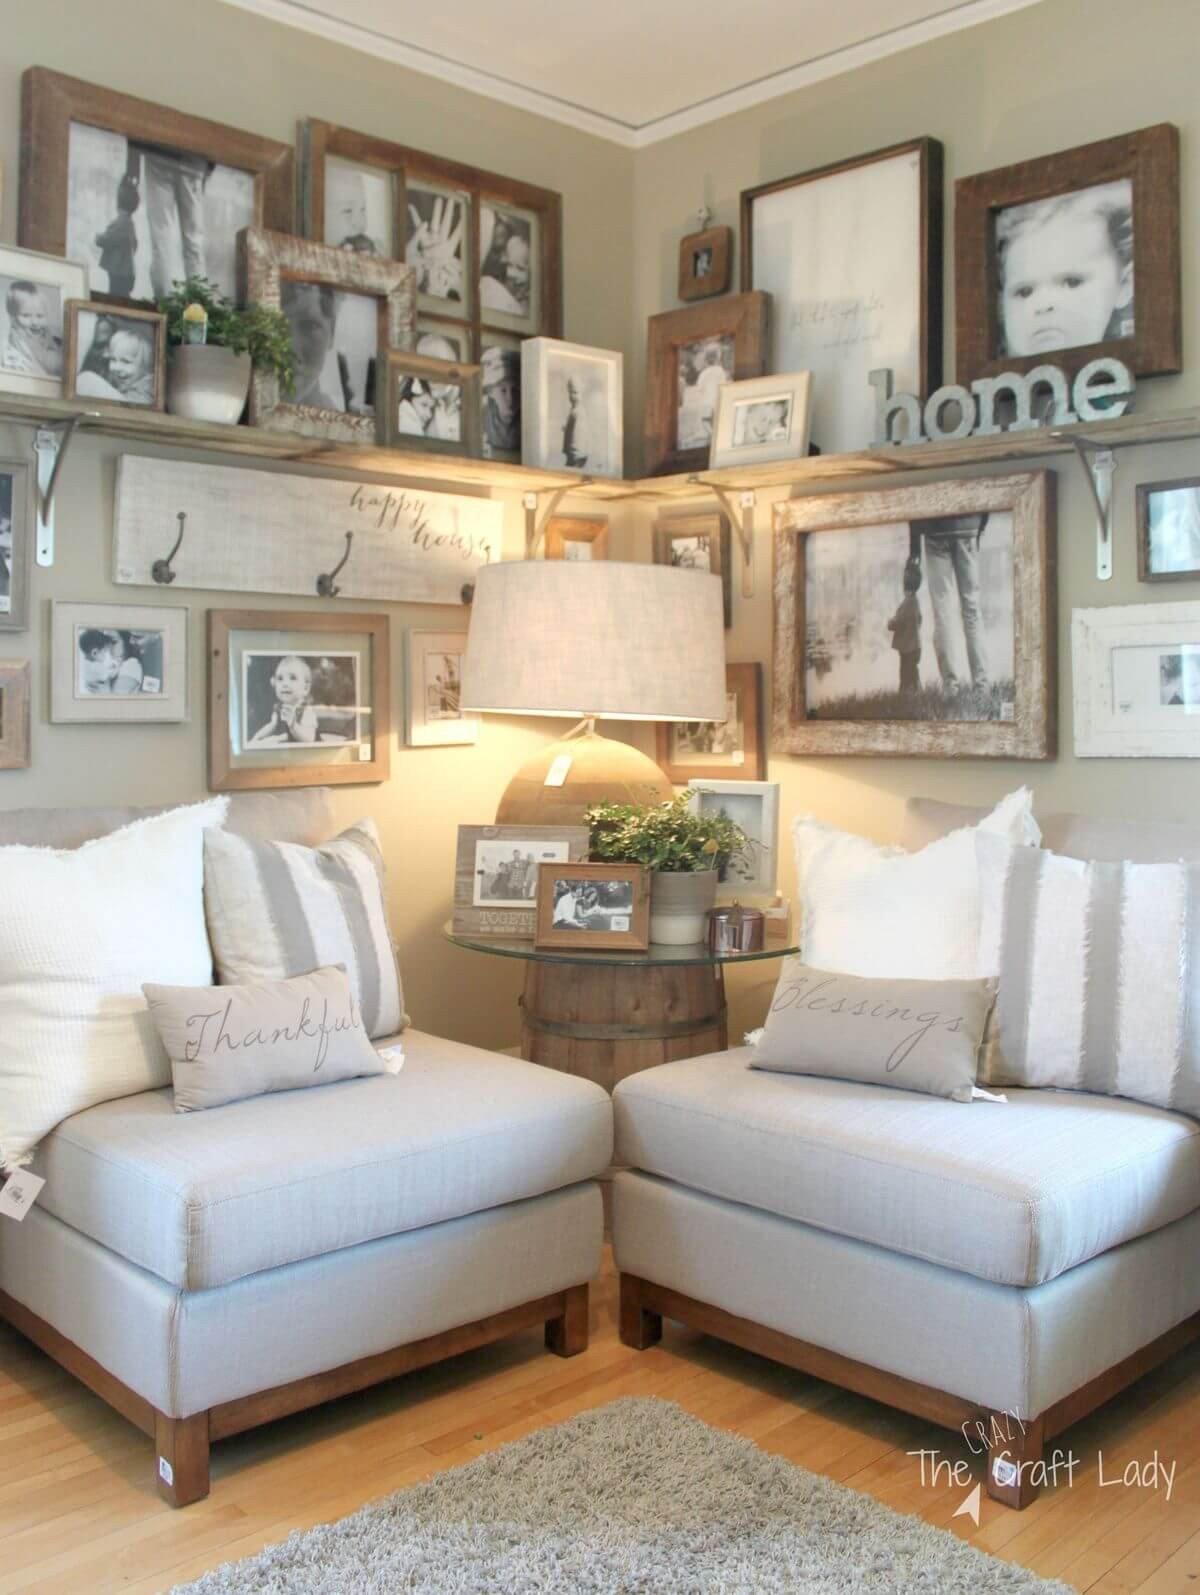 Farmhouse Living Room Curtains Decor Ideas 35 Best Farmhouse Living Room Decor Ideas and Designs for 2019